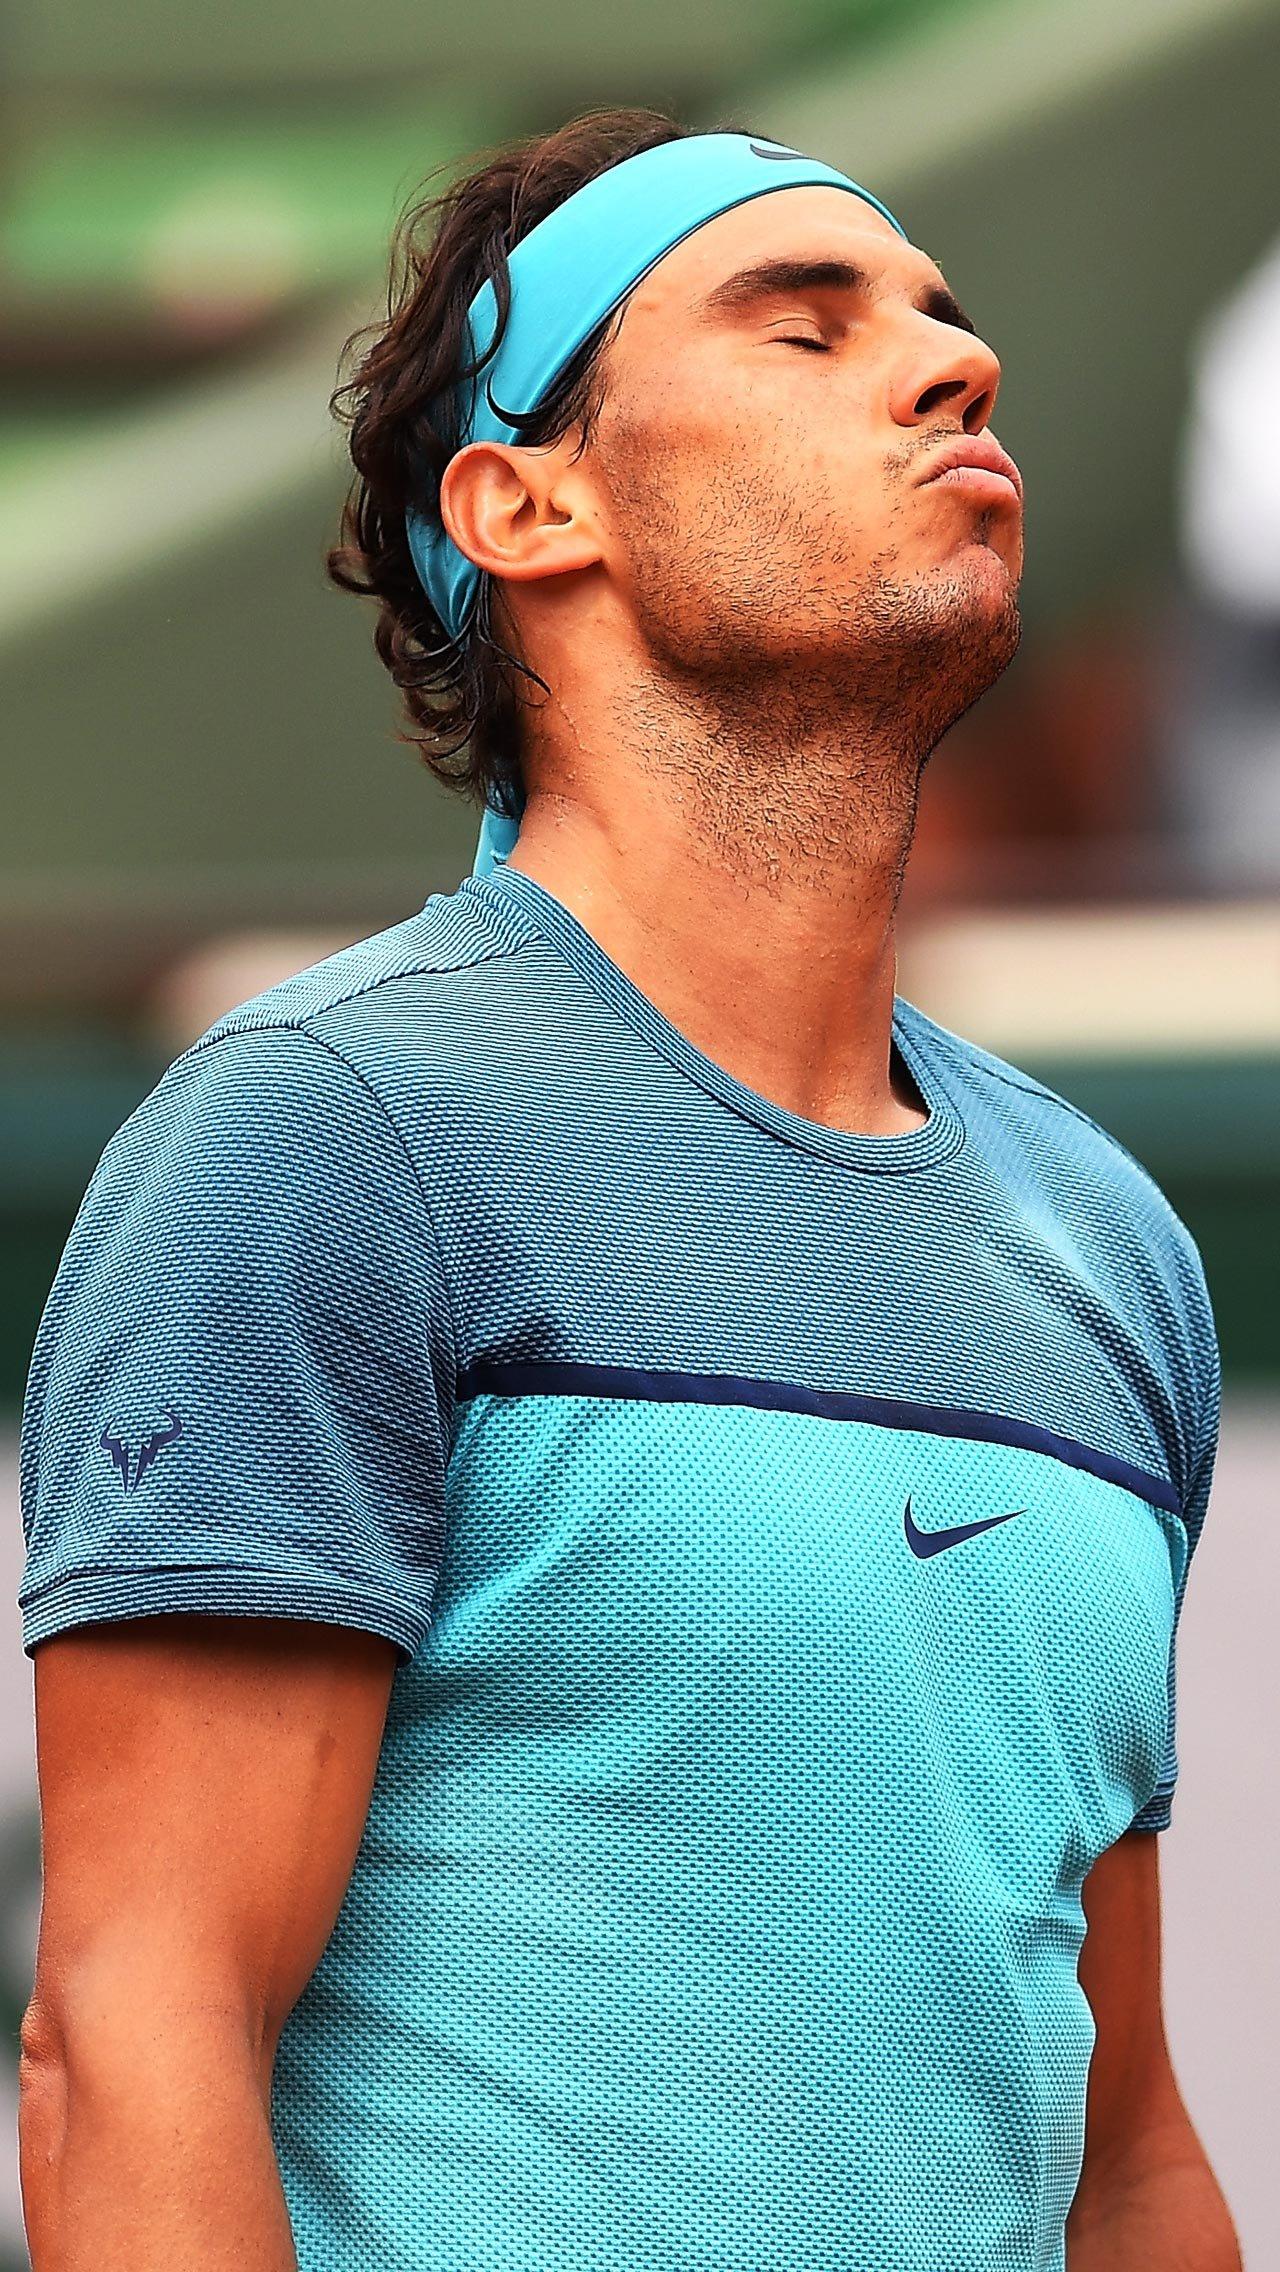 В 2016 году Надаль из-за травмы не вышел на матч 3-го круга.